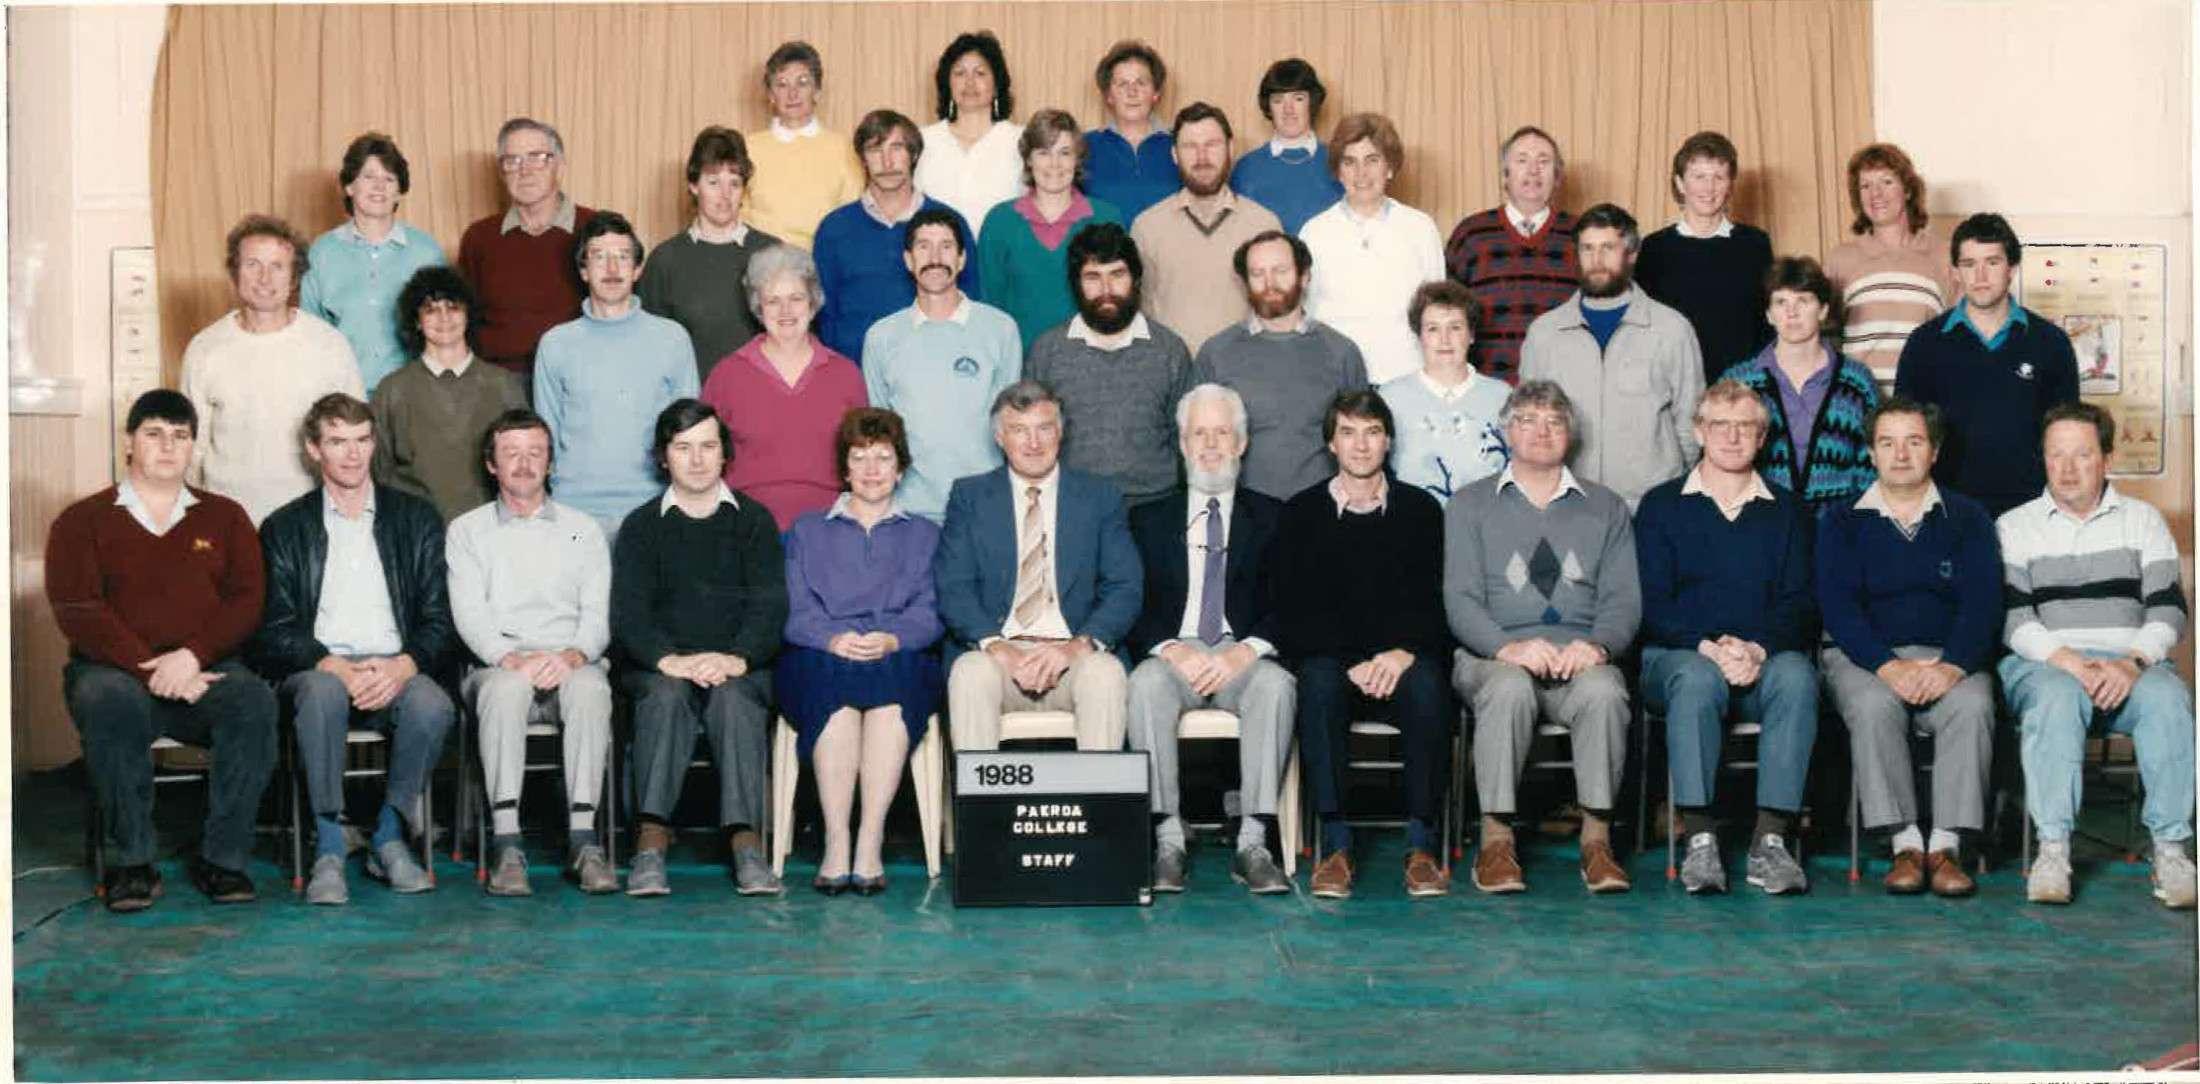 1988 Staff